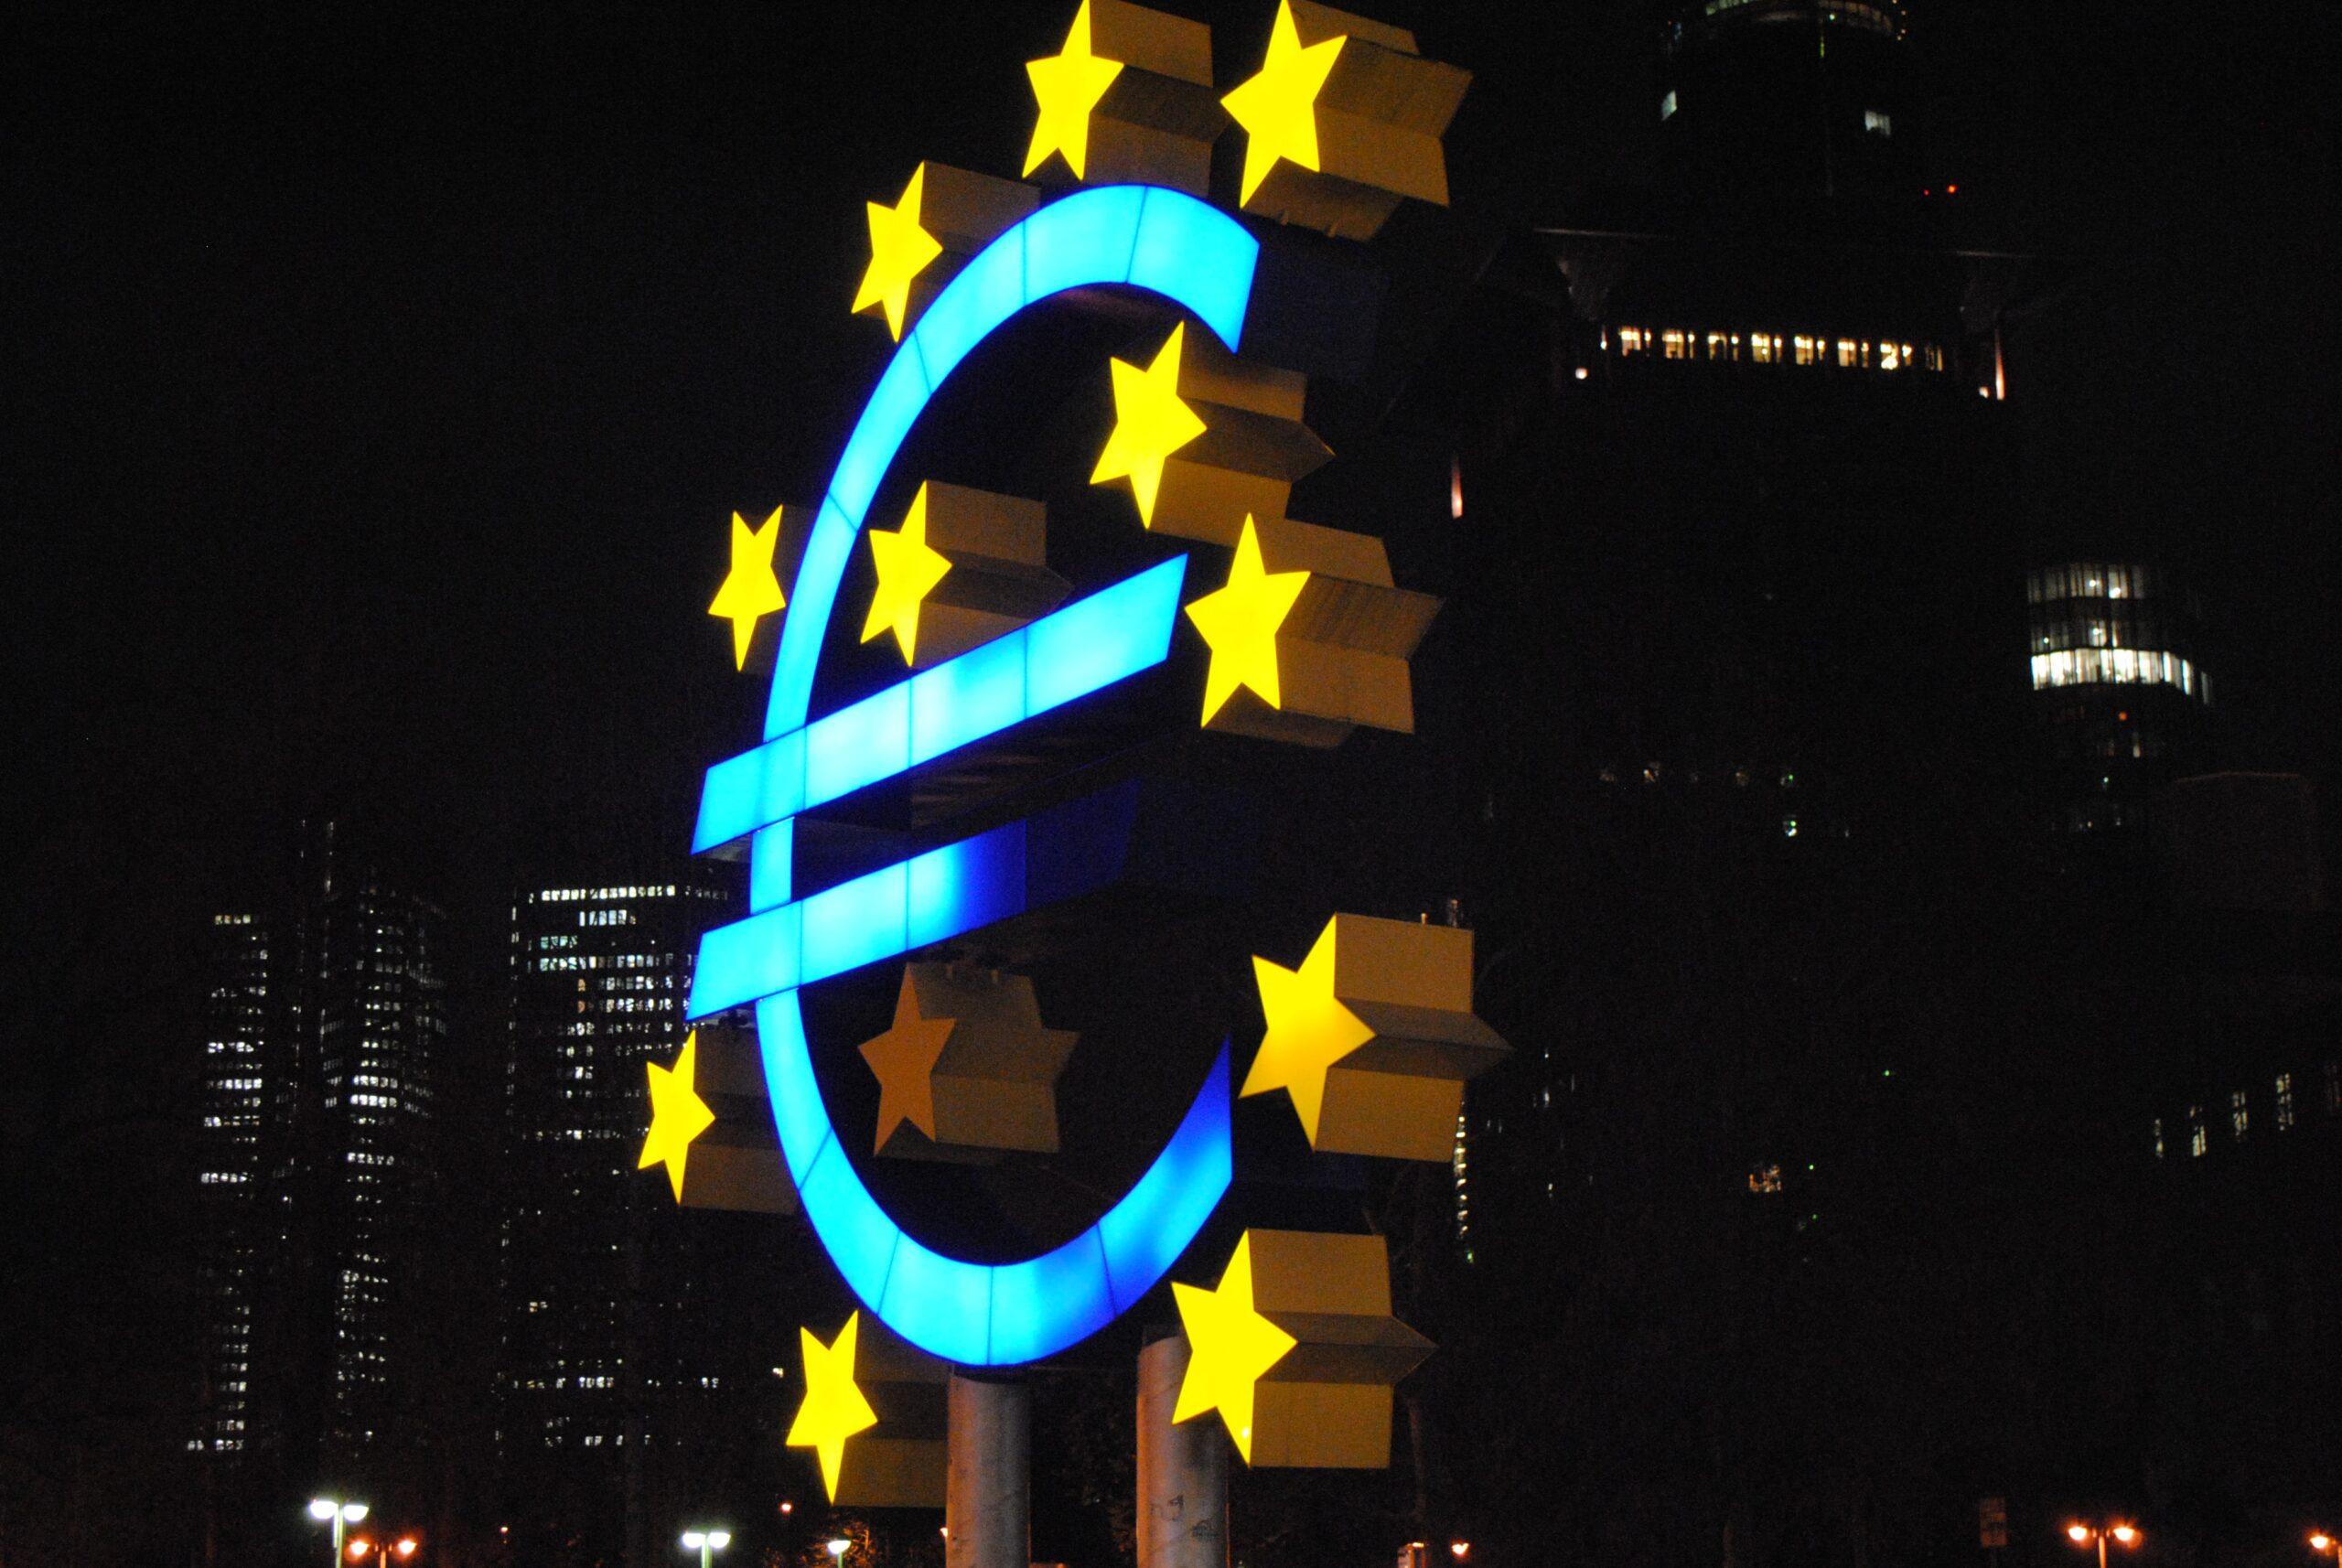 In Europa continua a mancare una visione unitaria